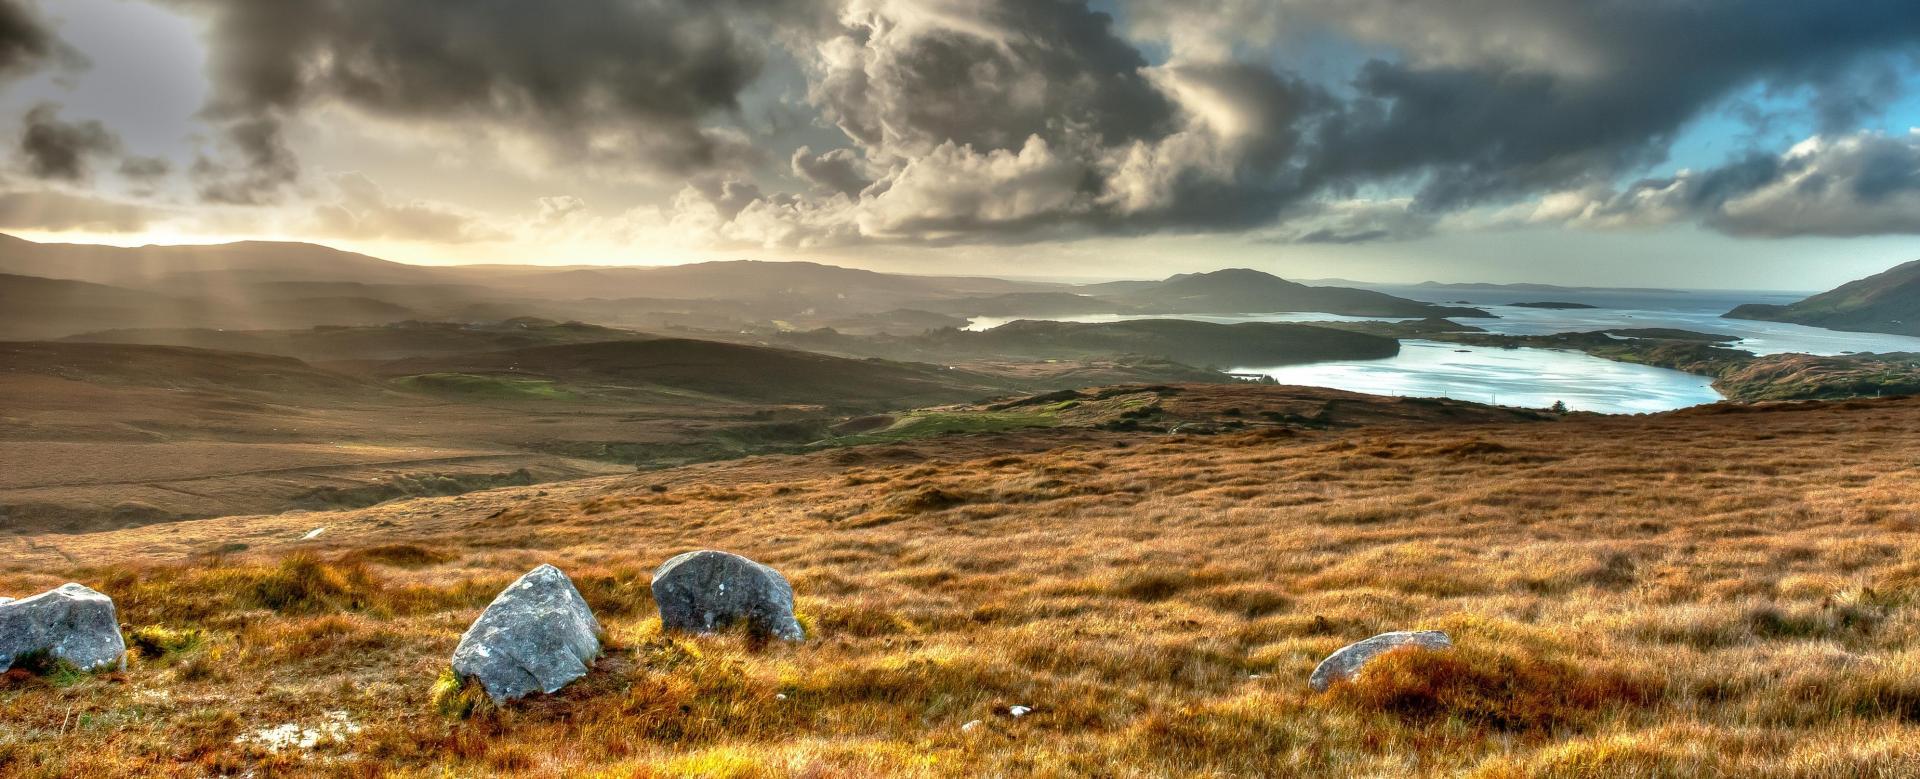 Voyage à pied Irlande : Le connemara en 8 jours